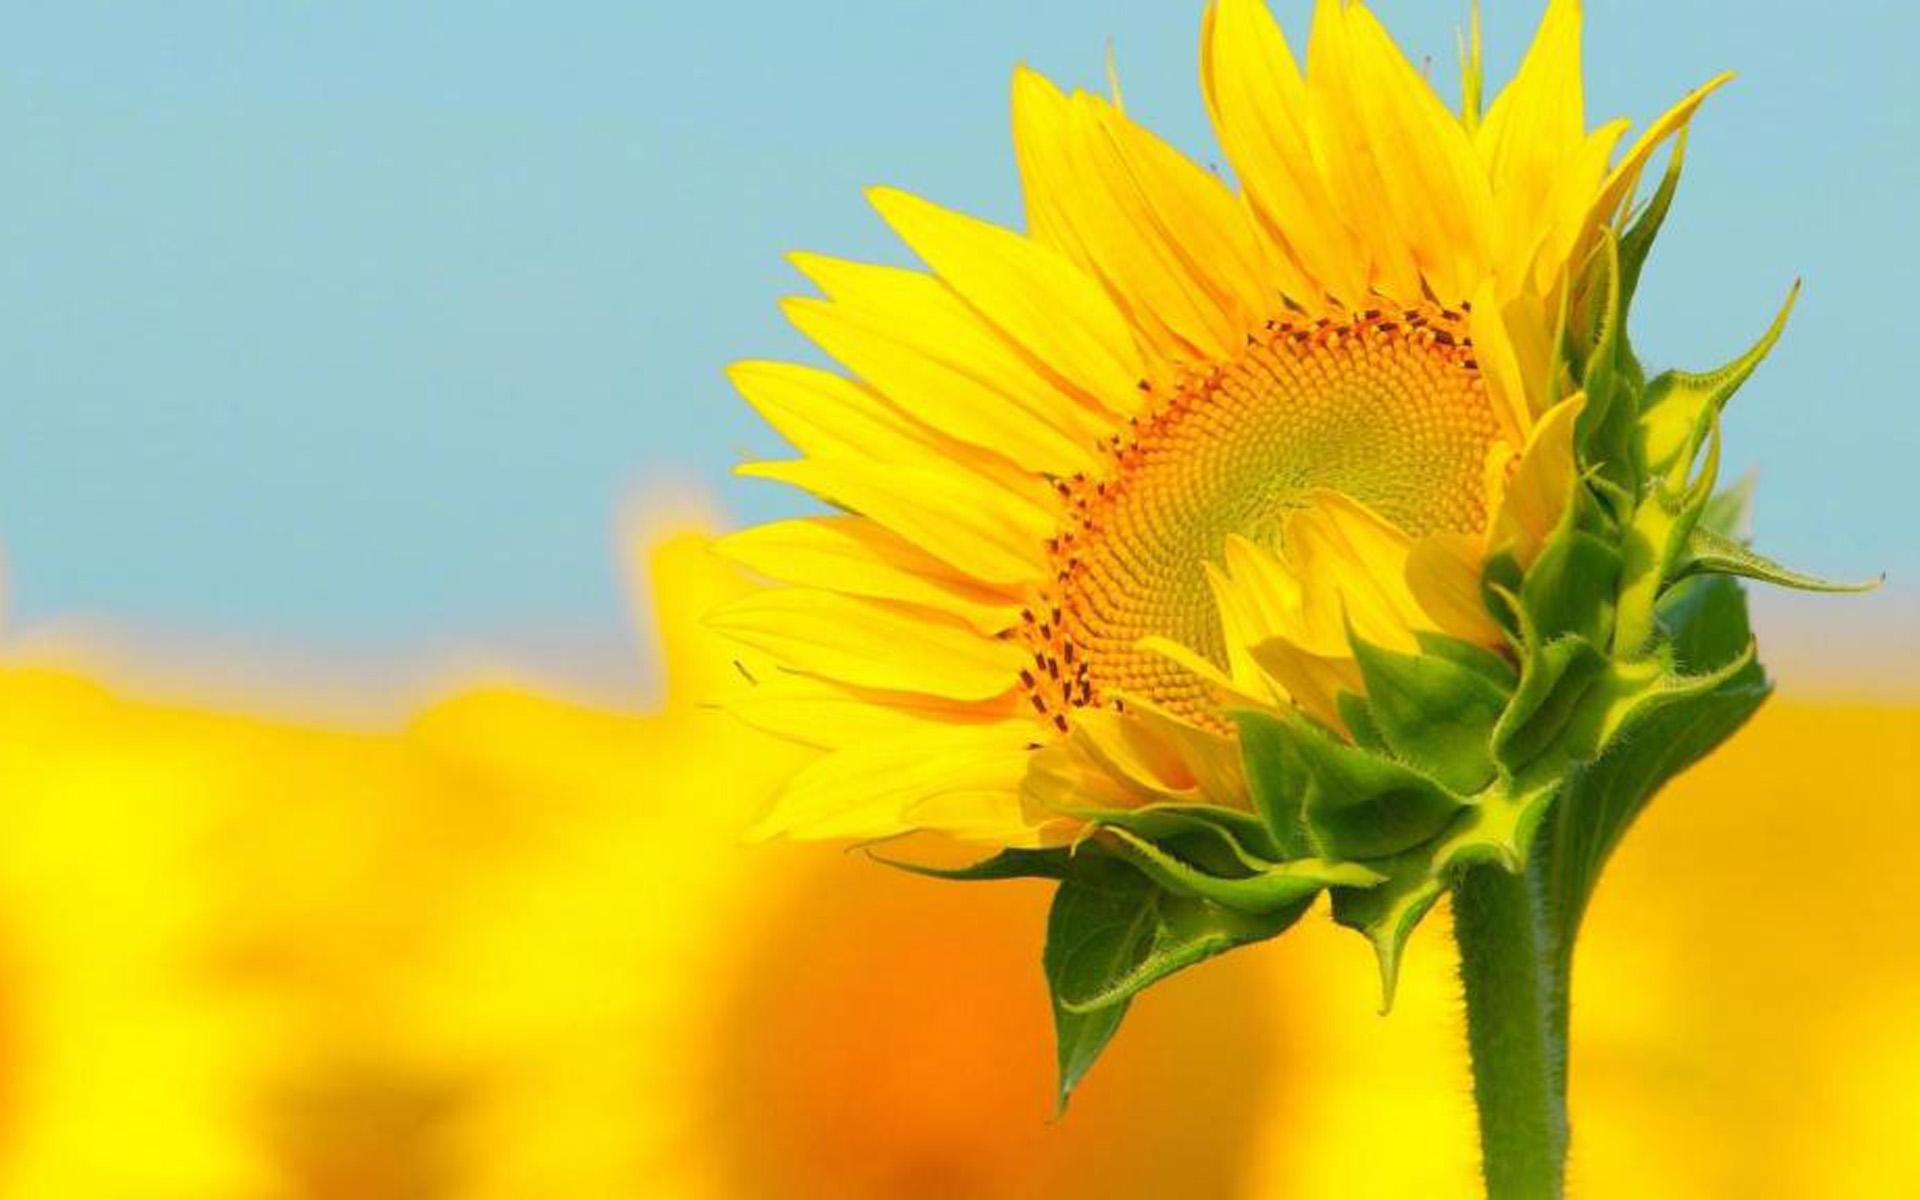 武宣向日葵花卉大全护眼桌面壁纸高清